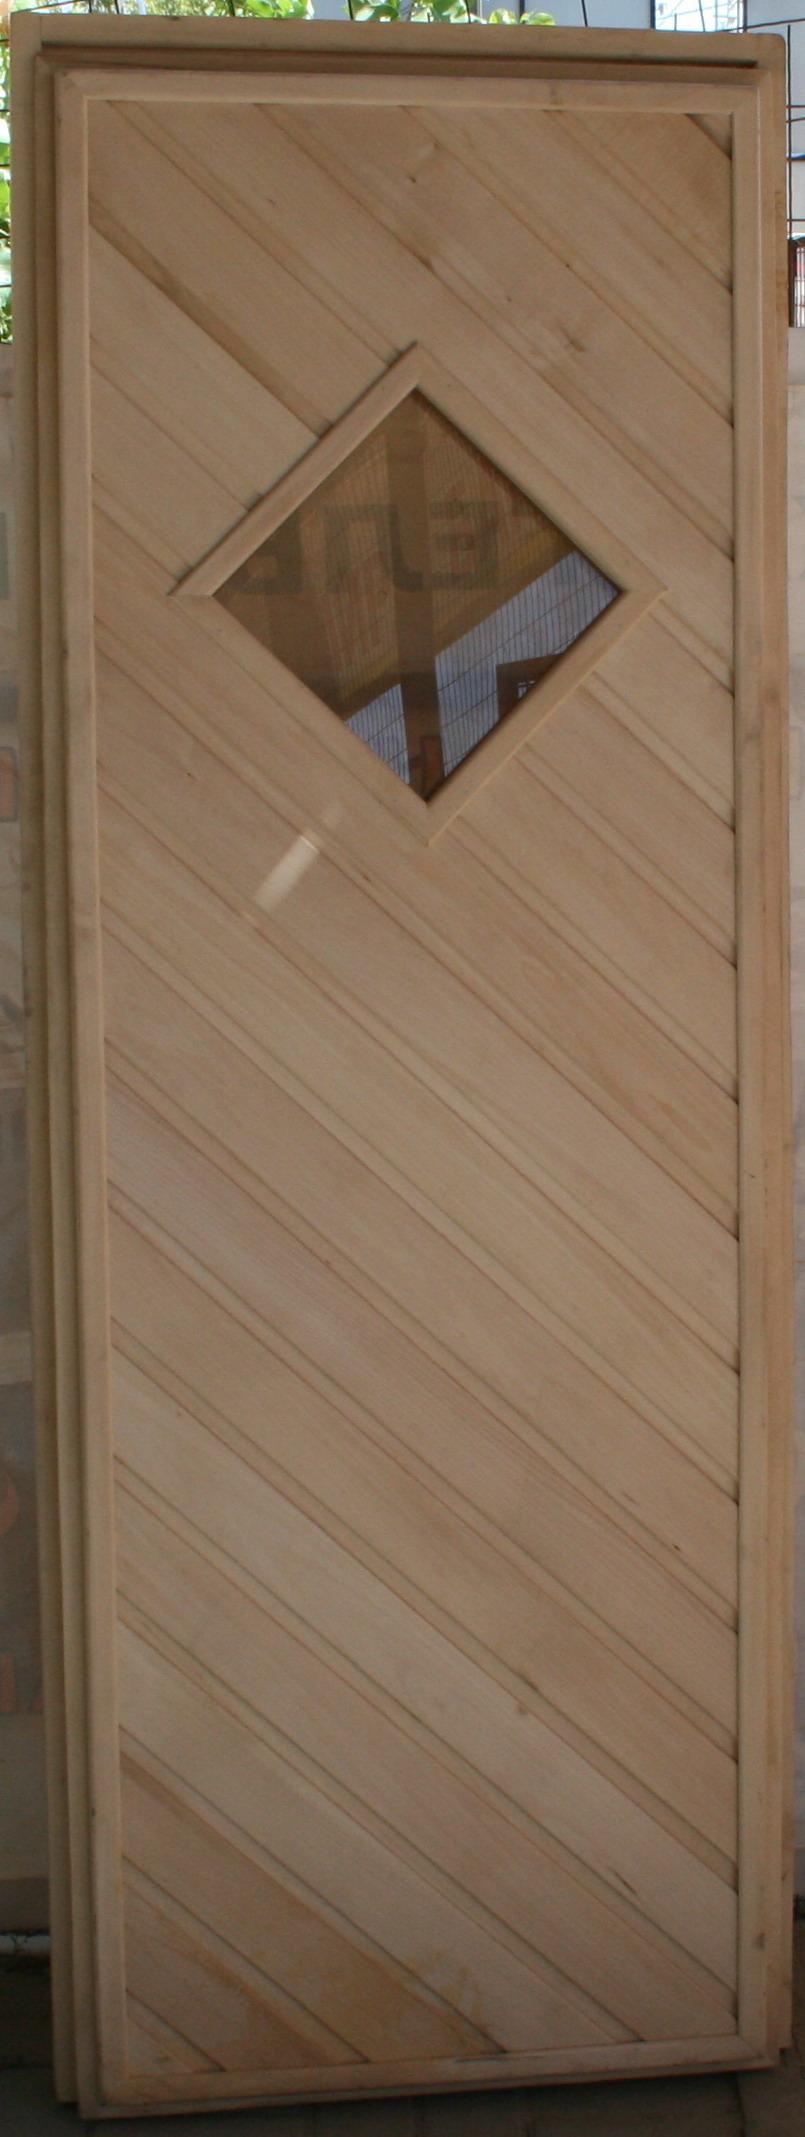 Дверь банная липа вставка стекло 1,9х0,7 (5040р.)